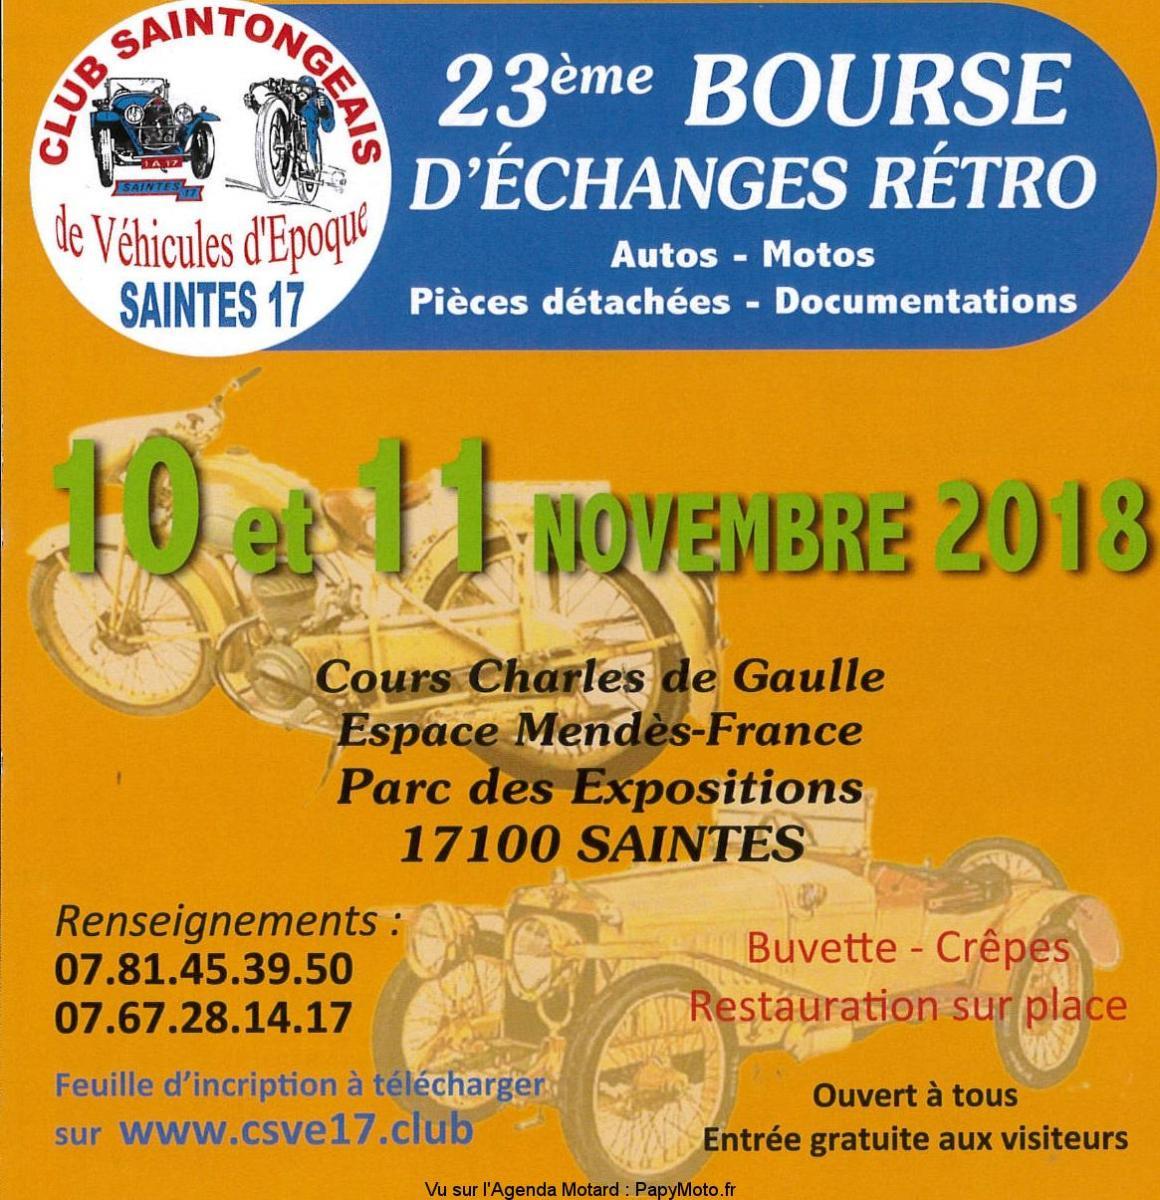 23e Bourse d'échanges Rétro Auto Motos - Saintes (17)